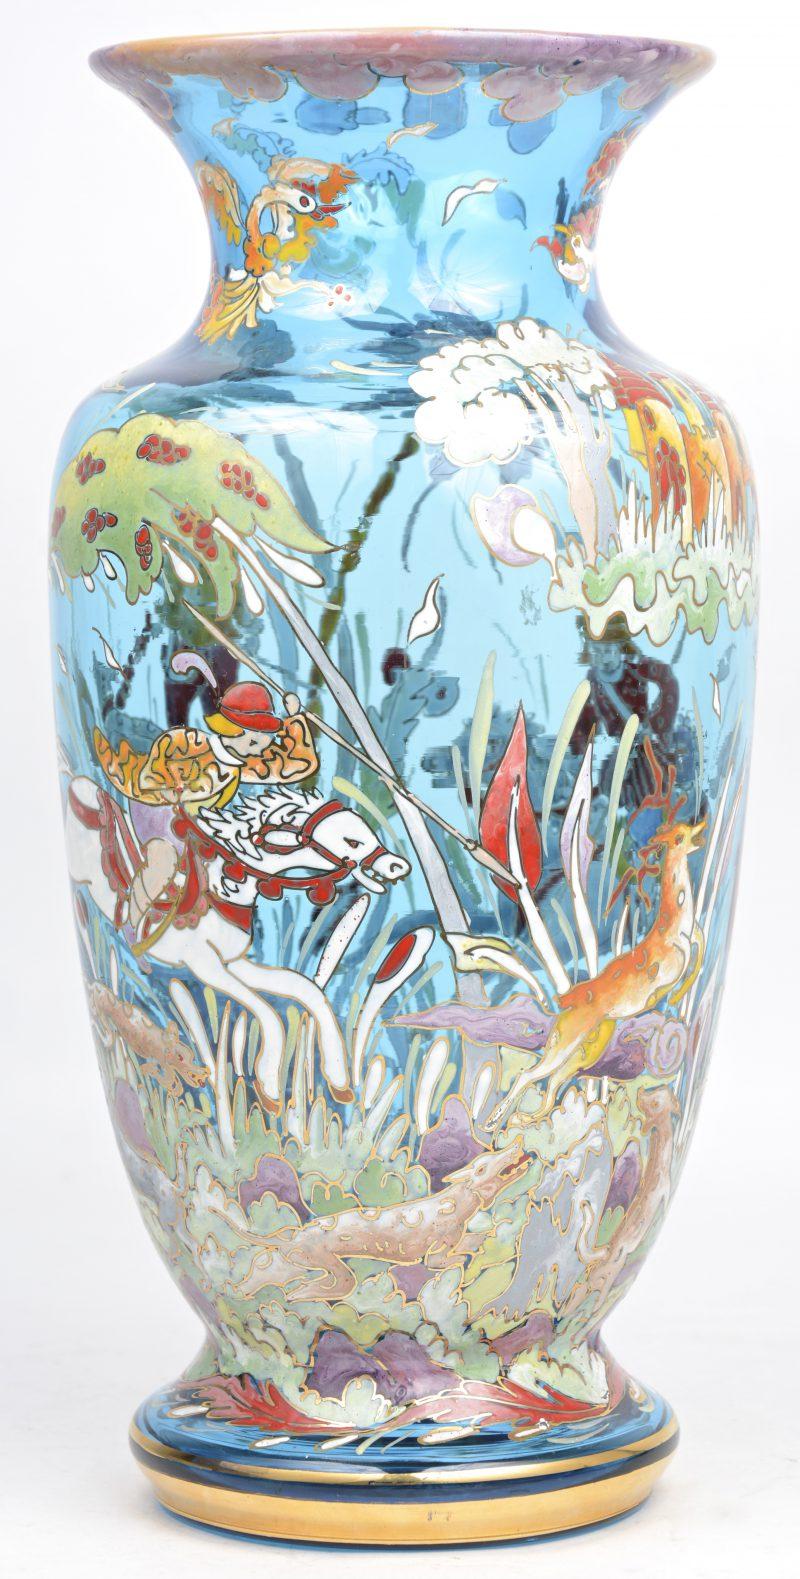 Een vaas van venetiaans glas met een handgeschilderd jachttafereel in emailverf.